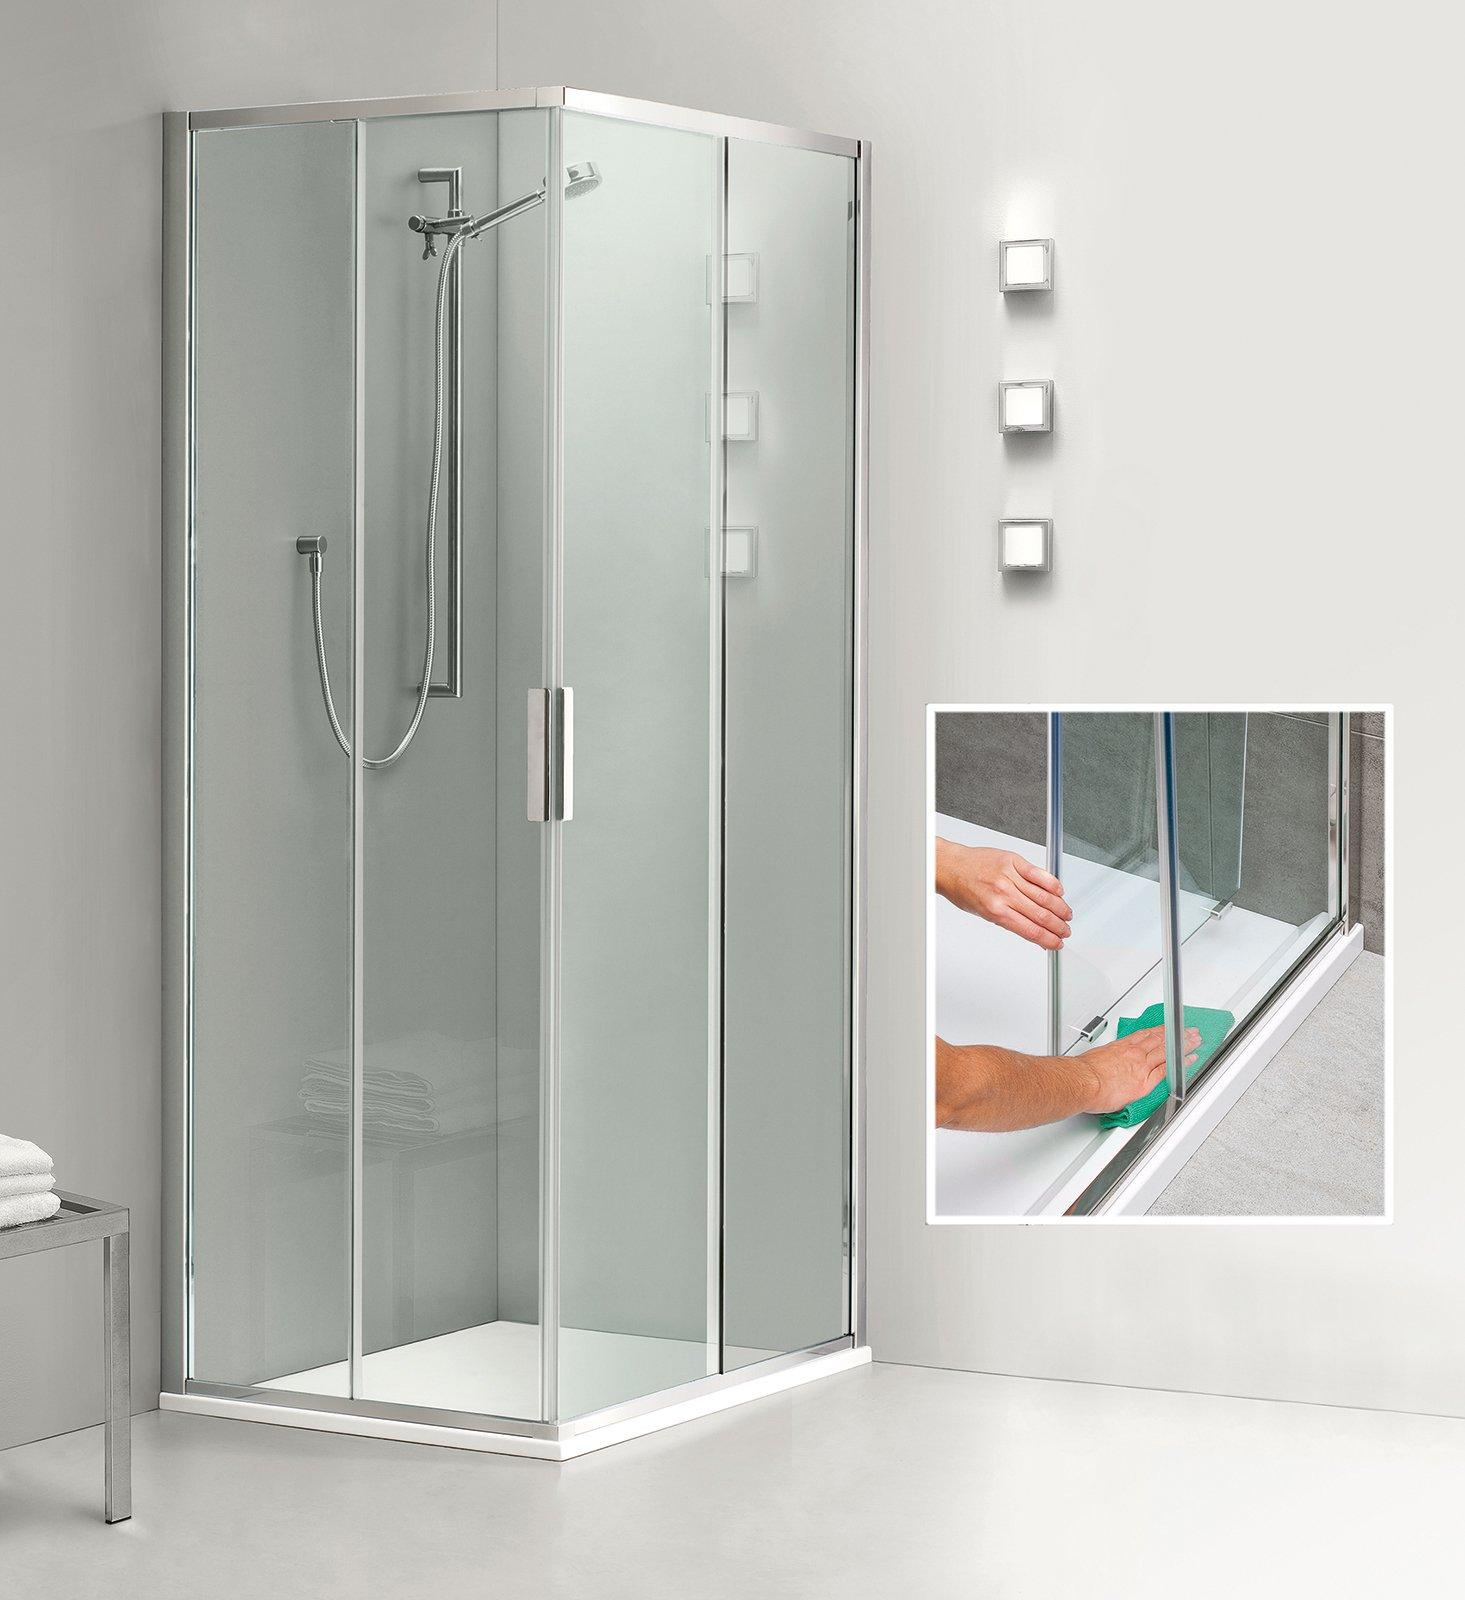 Estremamente Box doccia: quale chiusura scegliere? - Cose di Casa VF13